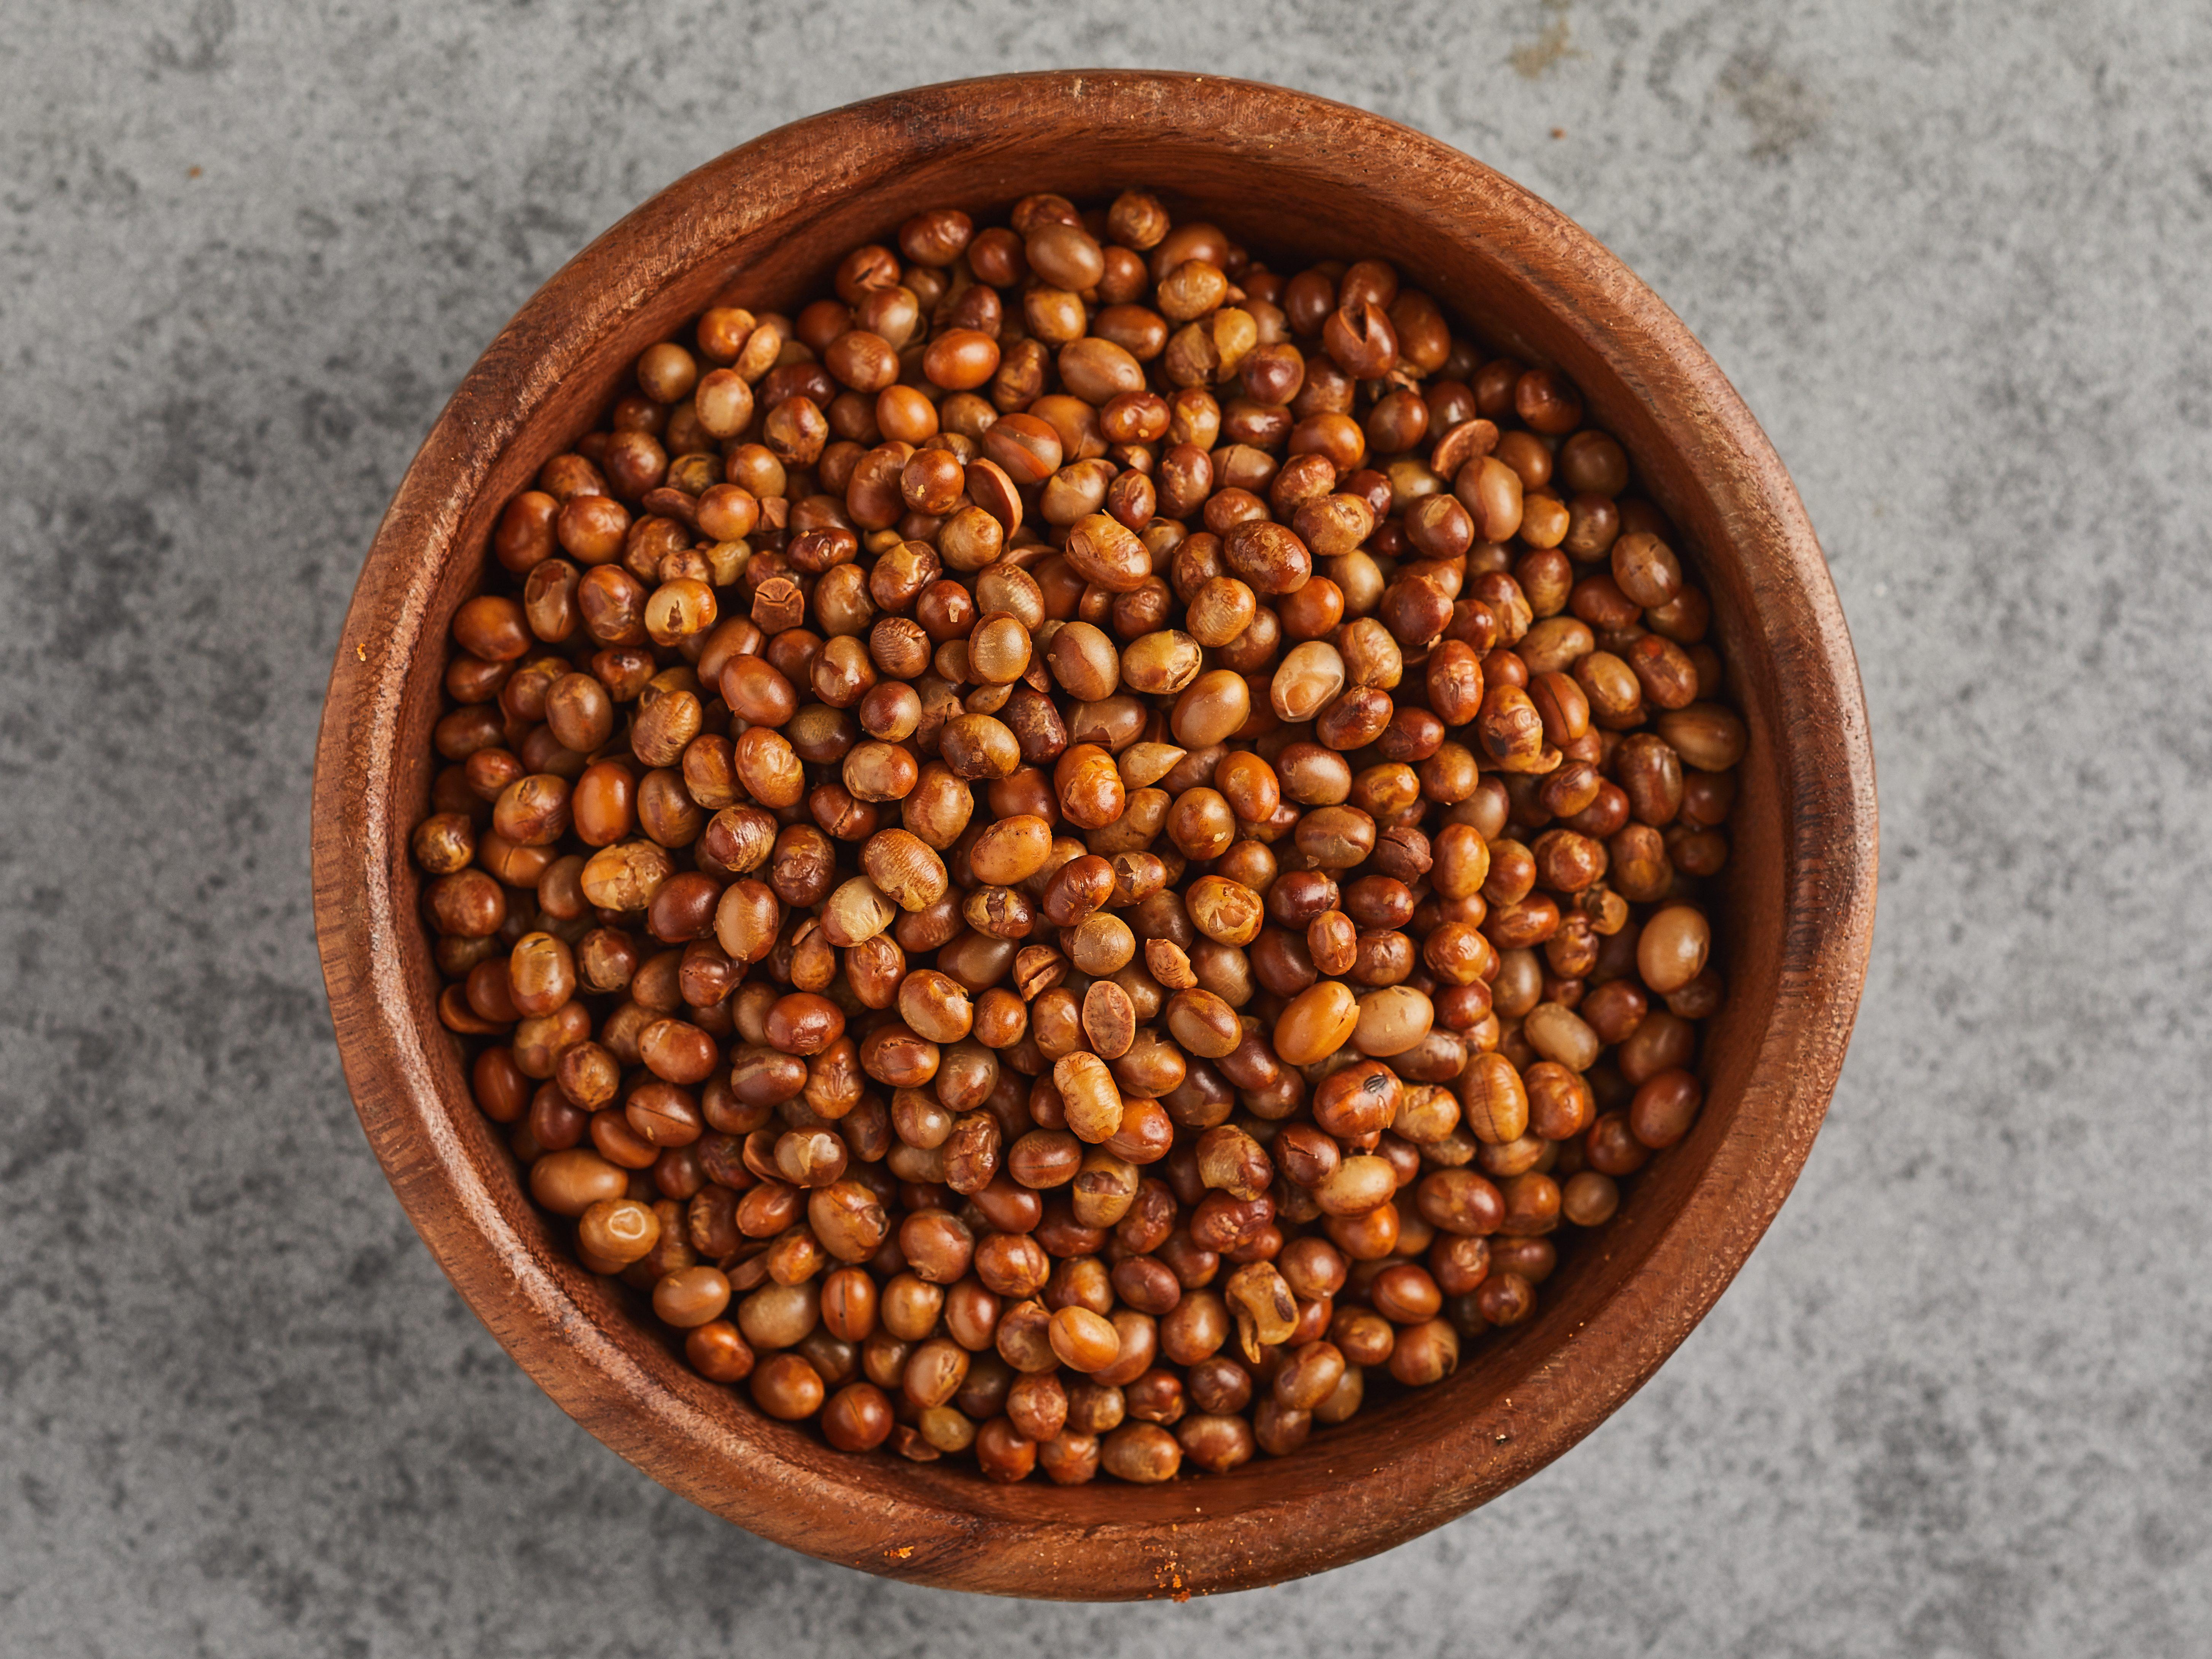 Wooden bowl full of soy beans